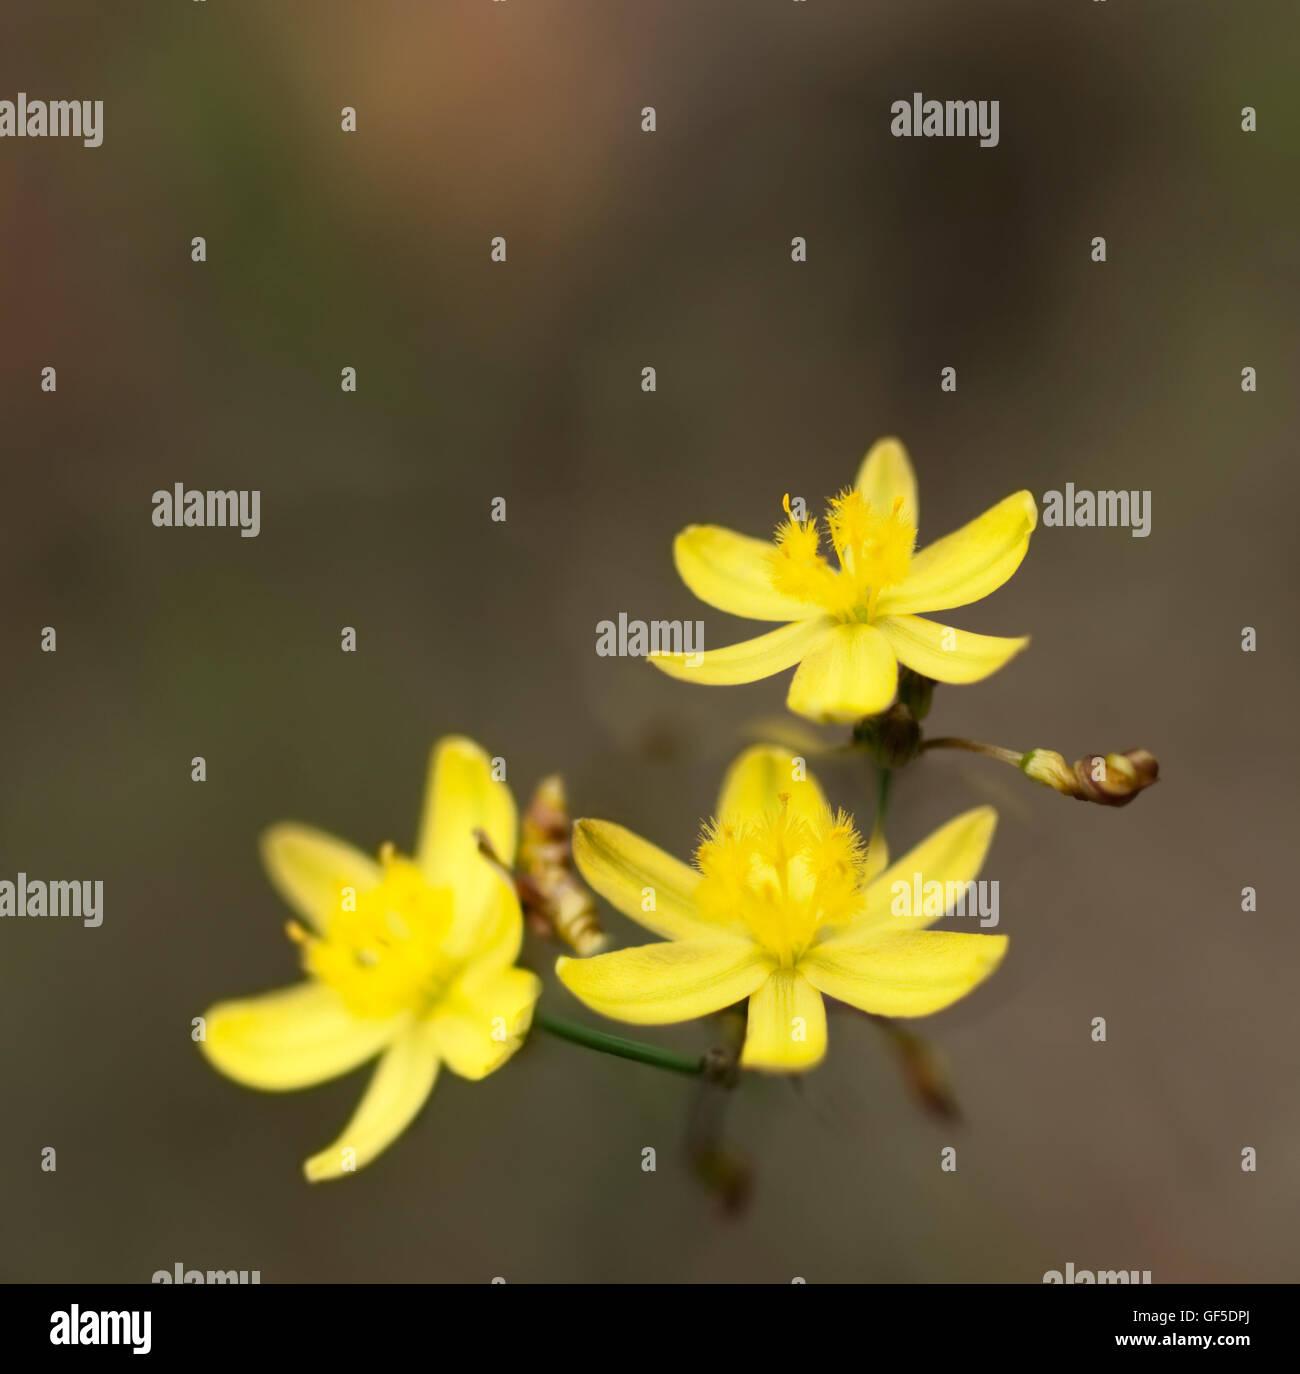 Australian lily flower stock photos australian lily flower stock pring yellow rush lily australian wildflower tricoryne simplex flower background stock image izmirmasajfo